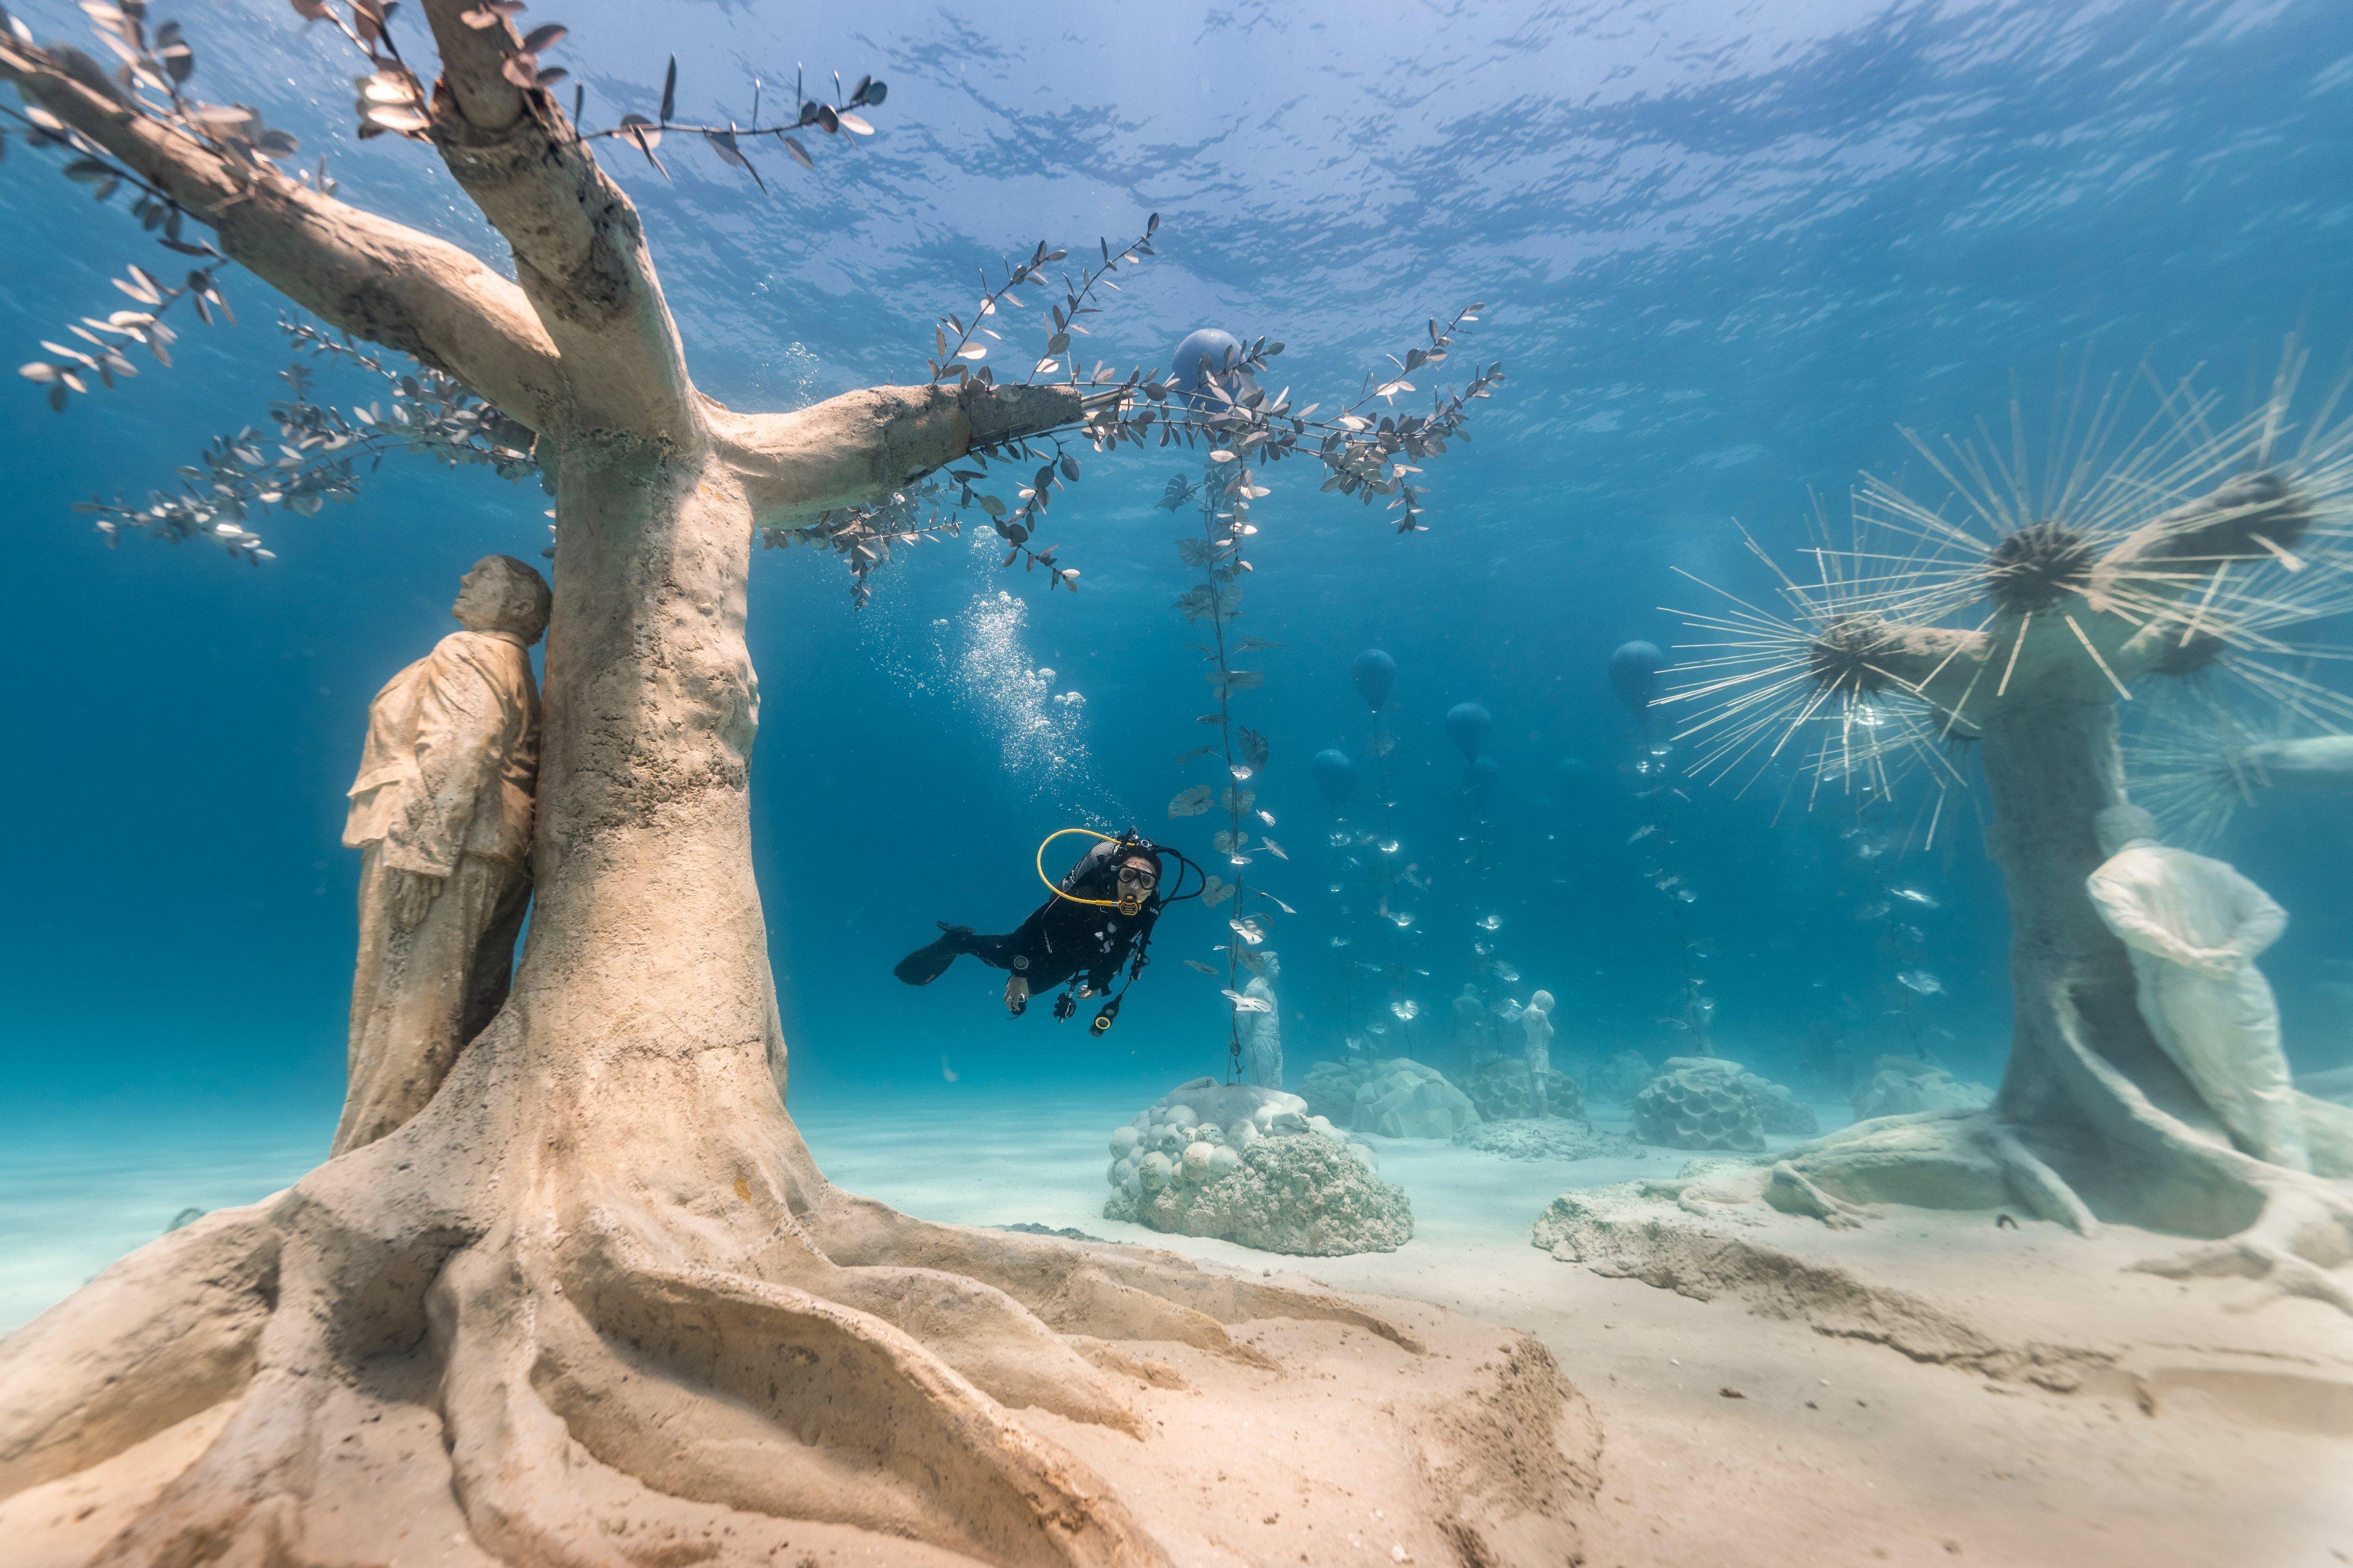 Khu rừng điêu khắc dưới nước ở đảo Síp